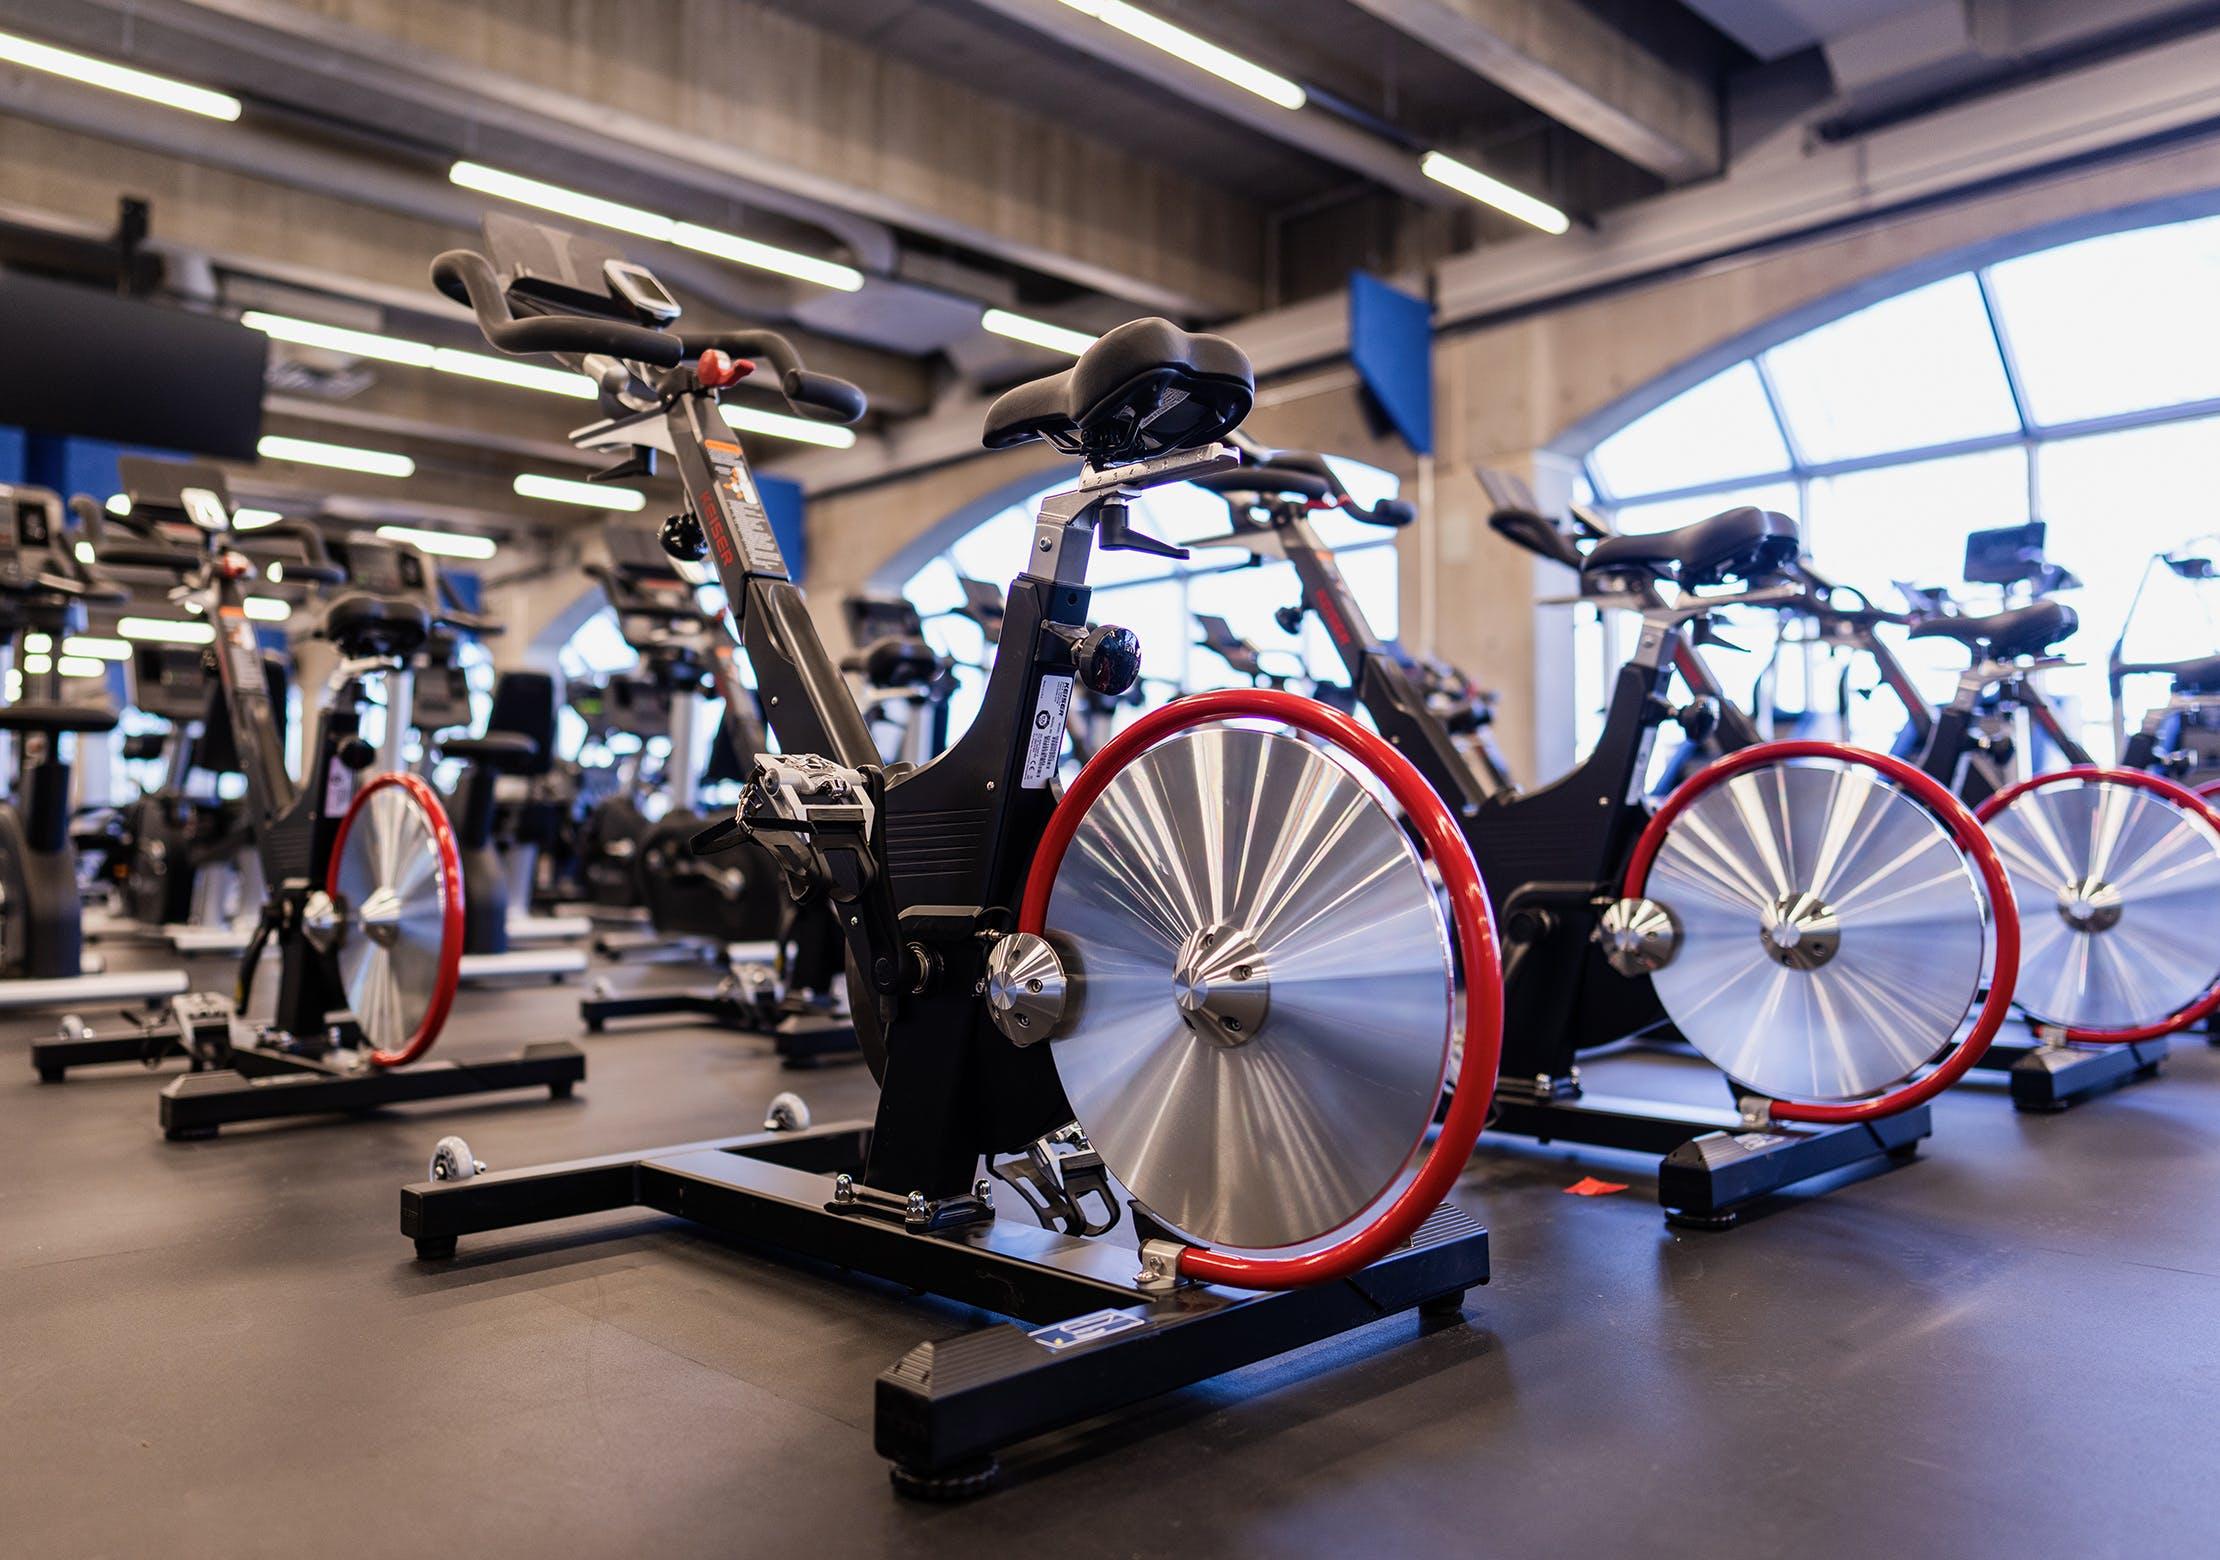 Salle d'entrainement - Zone d'entrainement cardiovasculaire | CEPSUM